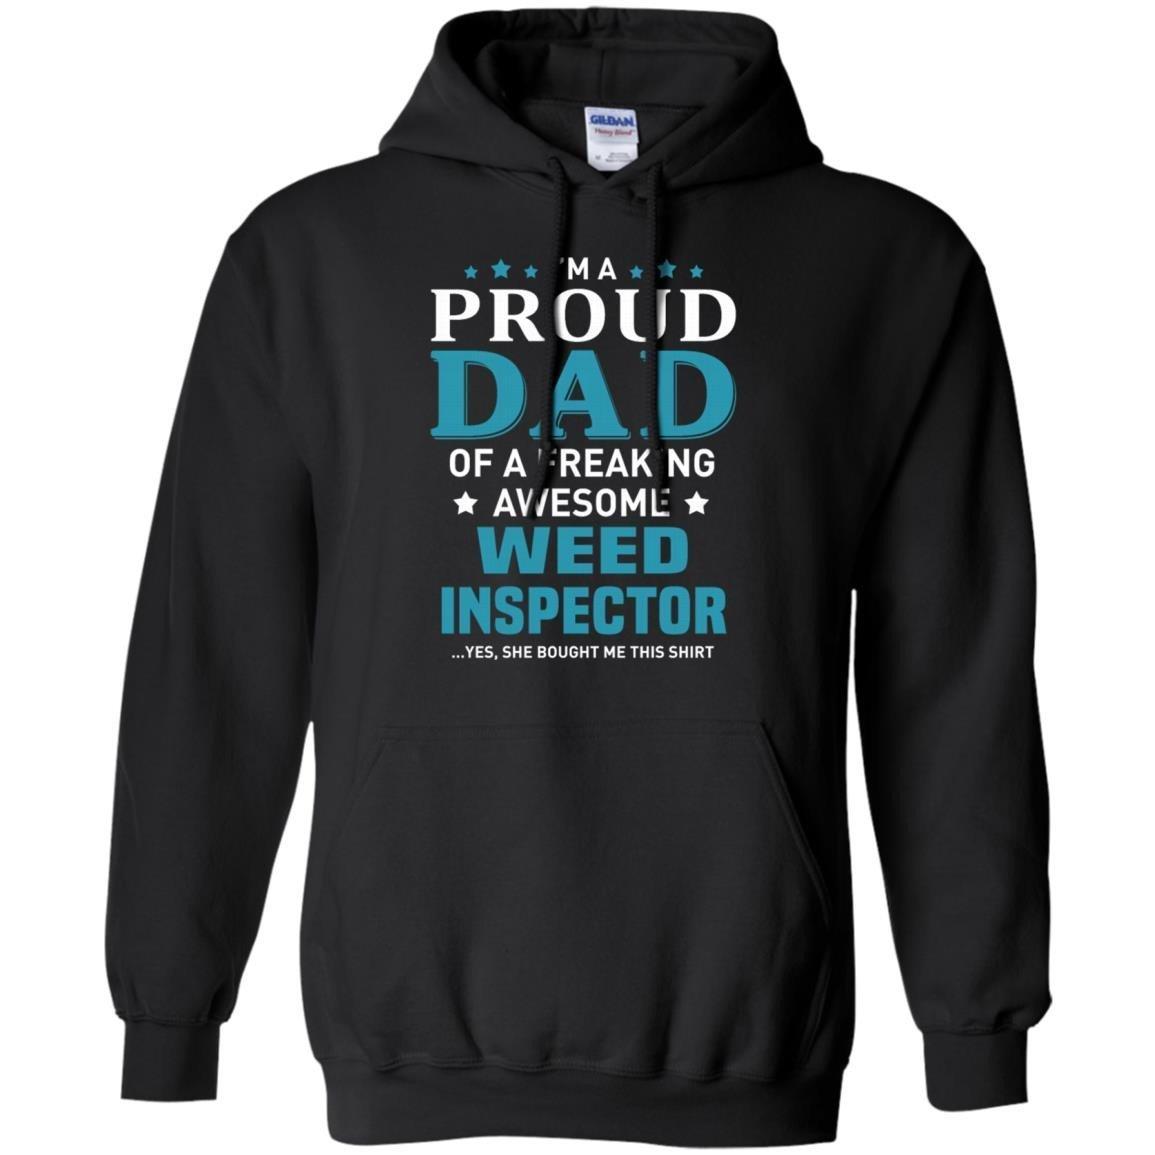 Weed Inspector T-Shirt Hoodie